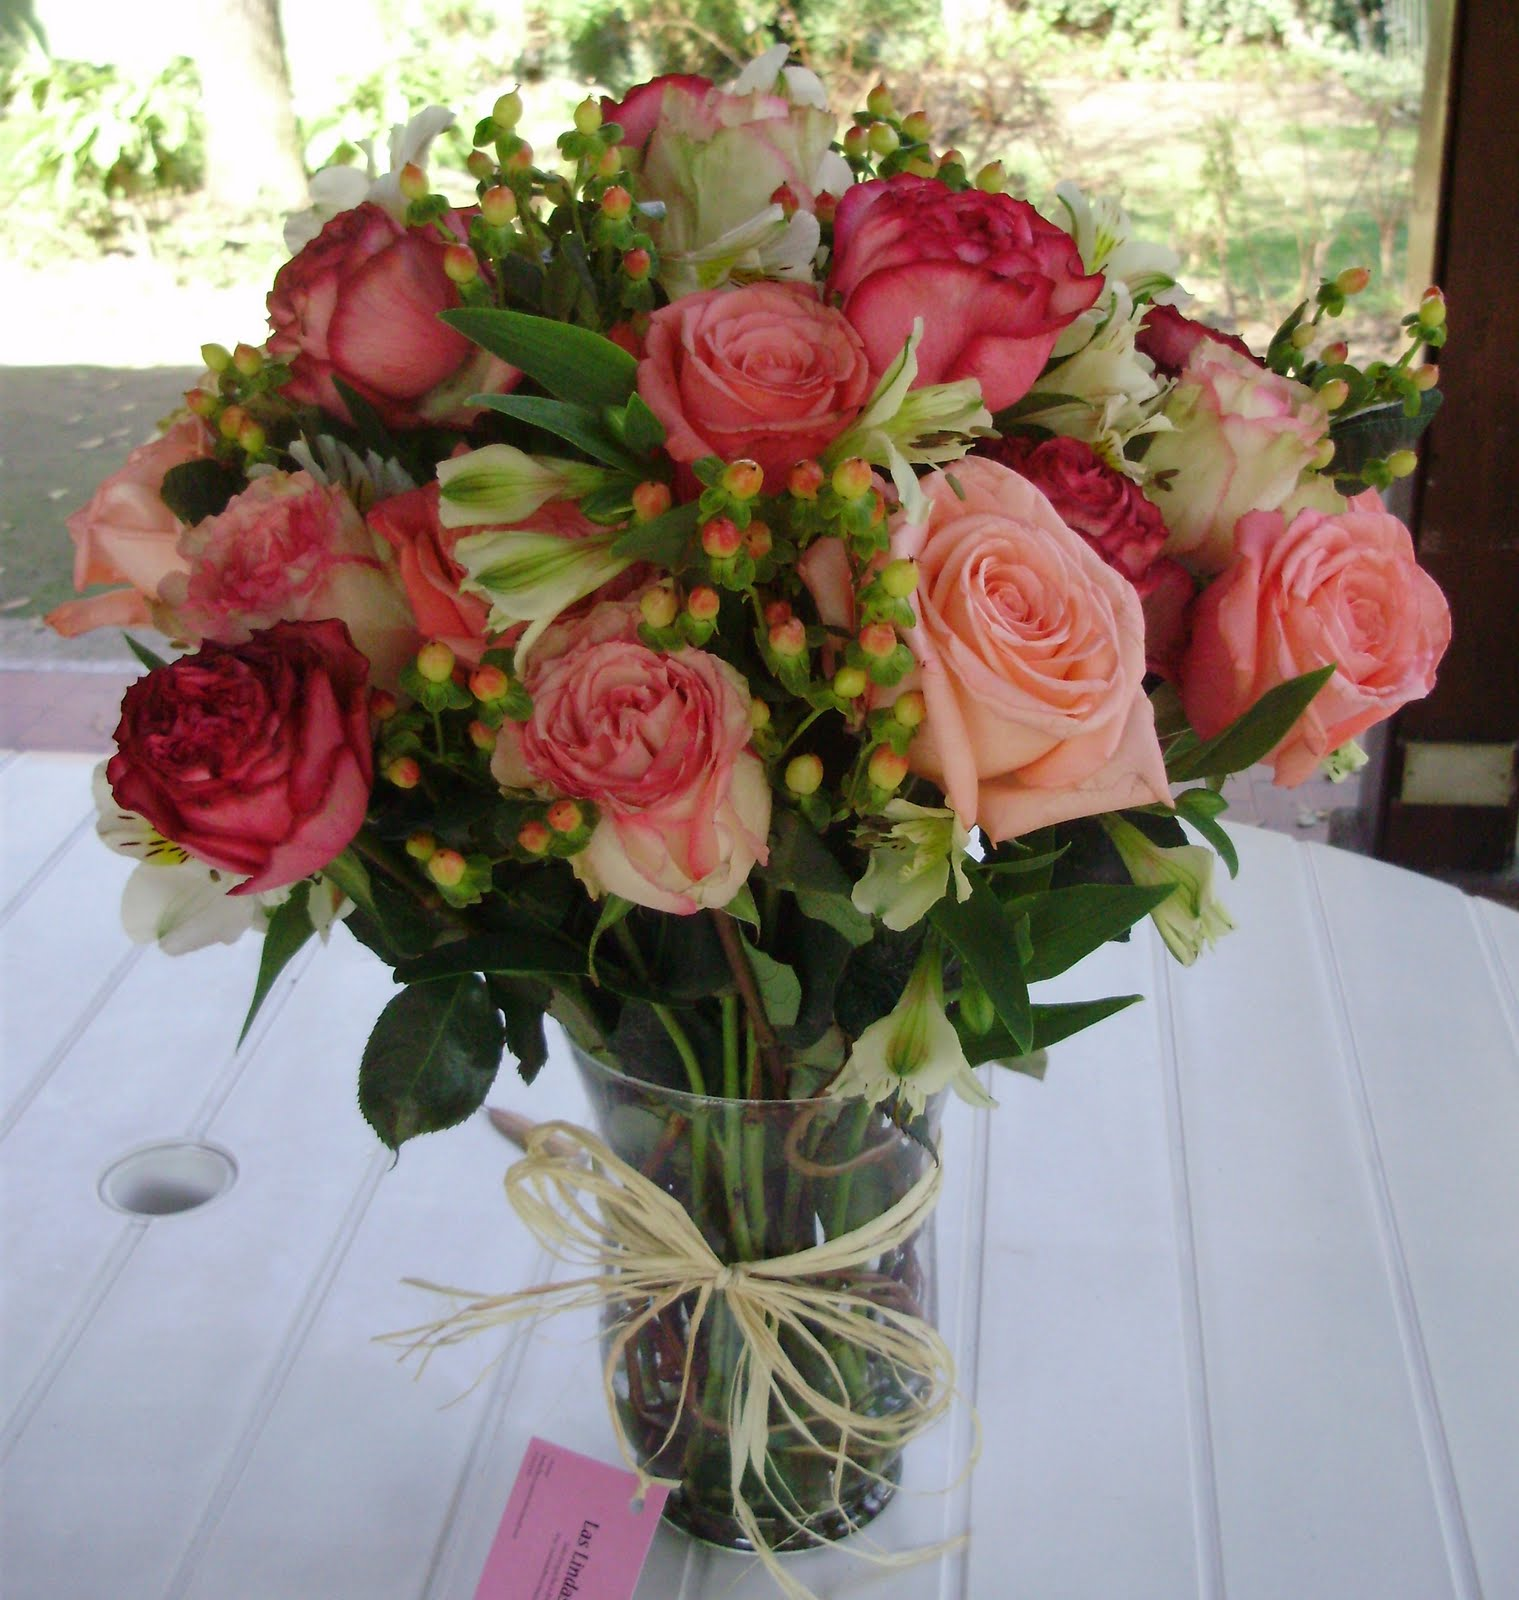 Imagenes De Arreglos De Rosas - Arreglos Florales los mejores diseños para toda ocasión